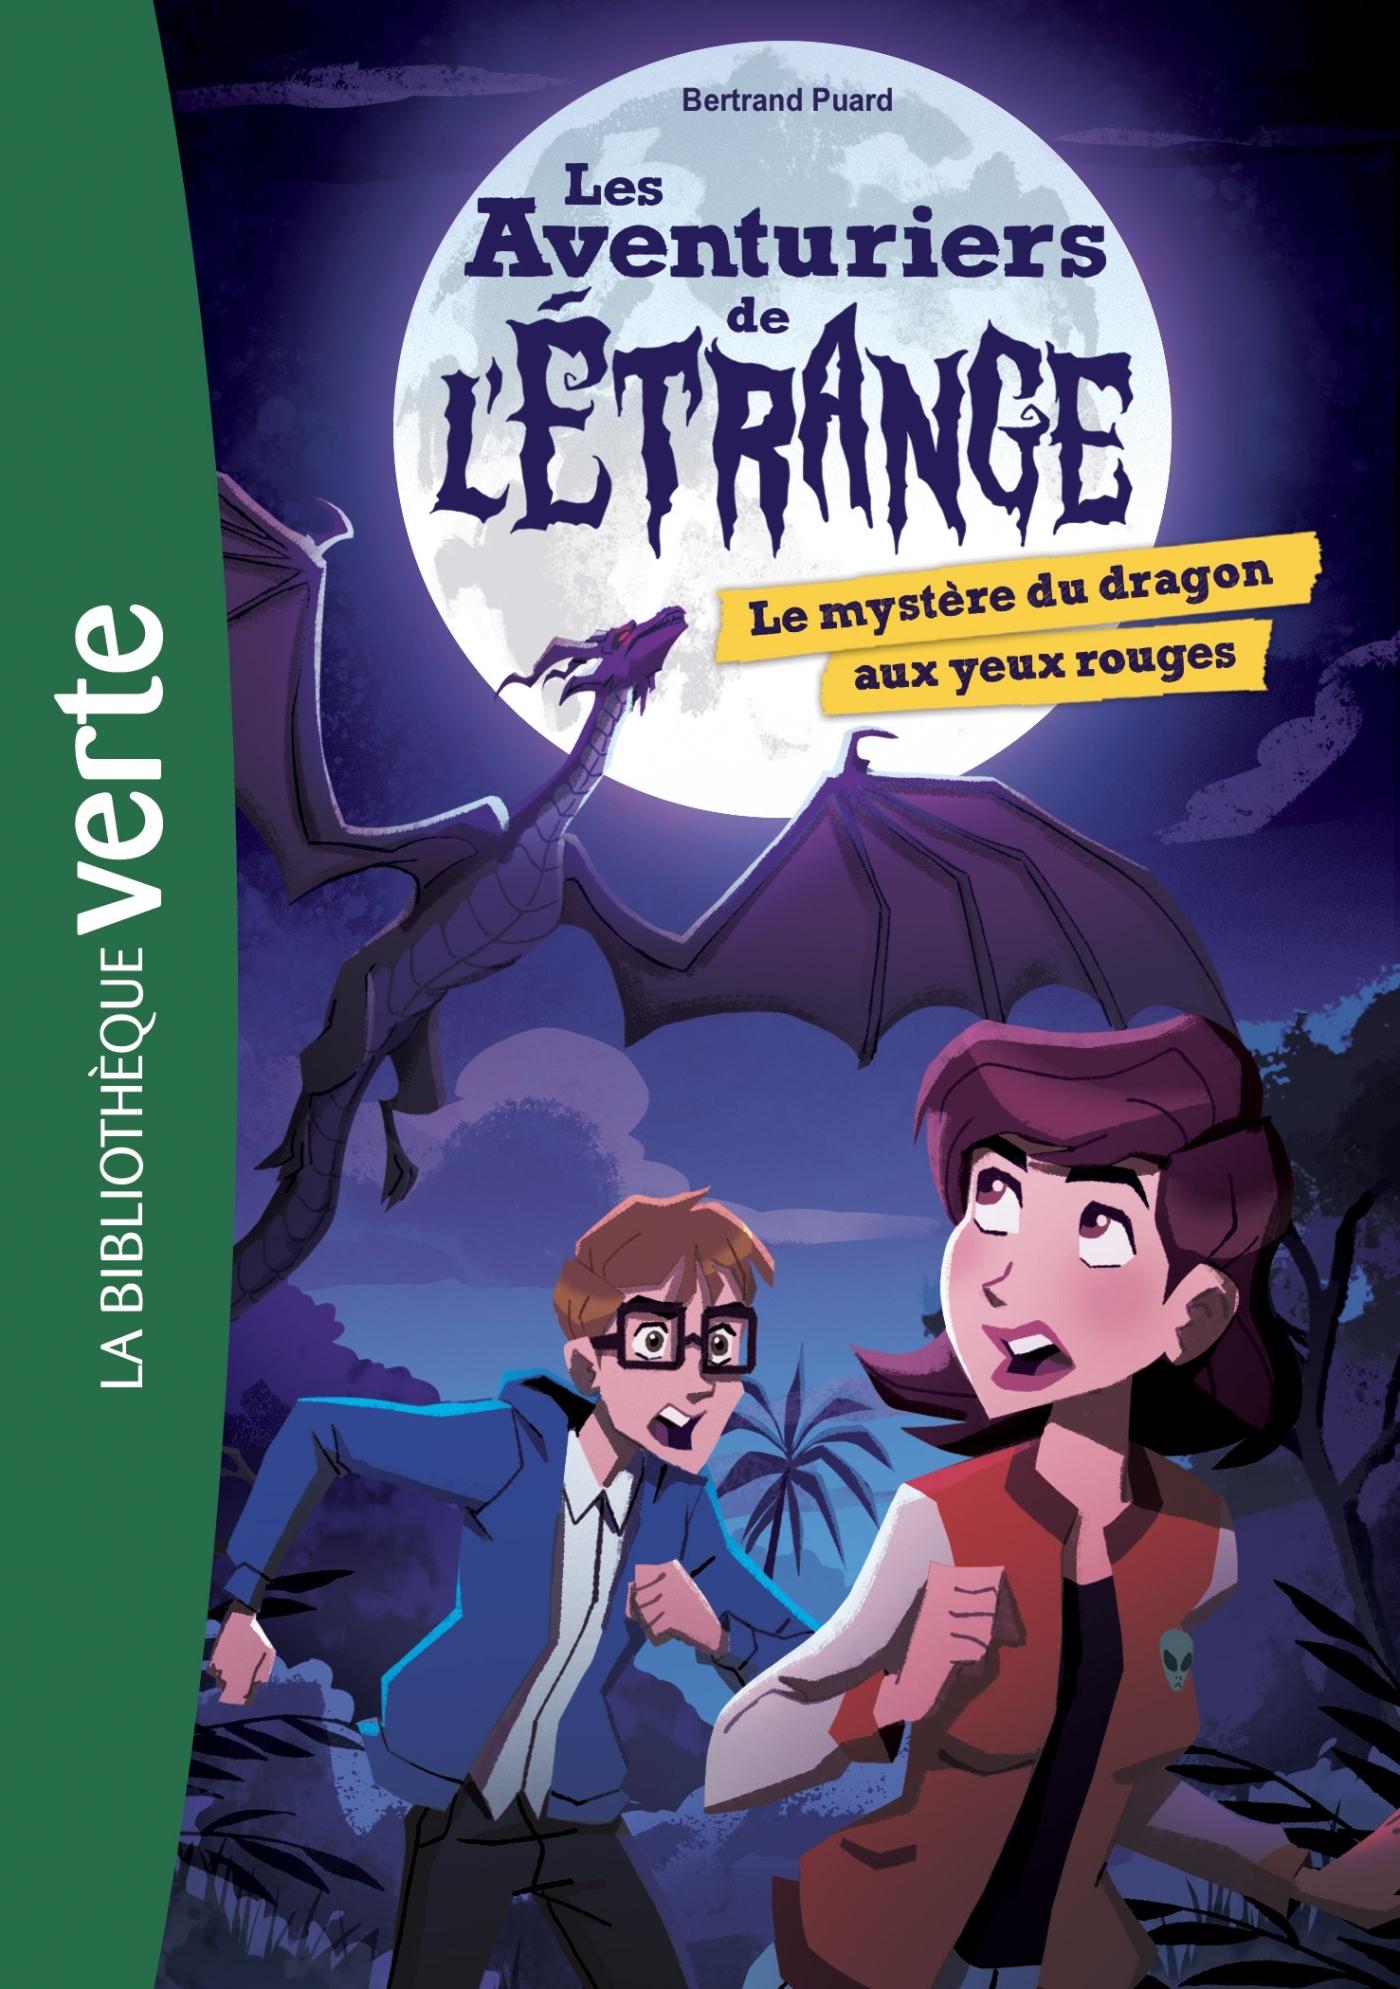 LES AVENTURIERS DE L'ETRANGE 04 - LE MYSTERE DU DRAGON AUX YEUX ROUGES - T4